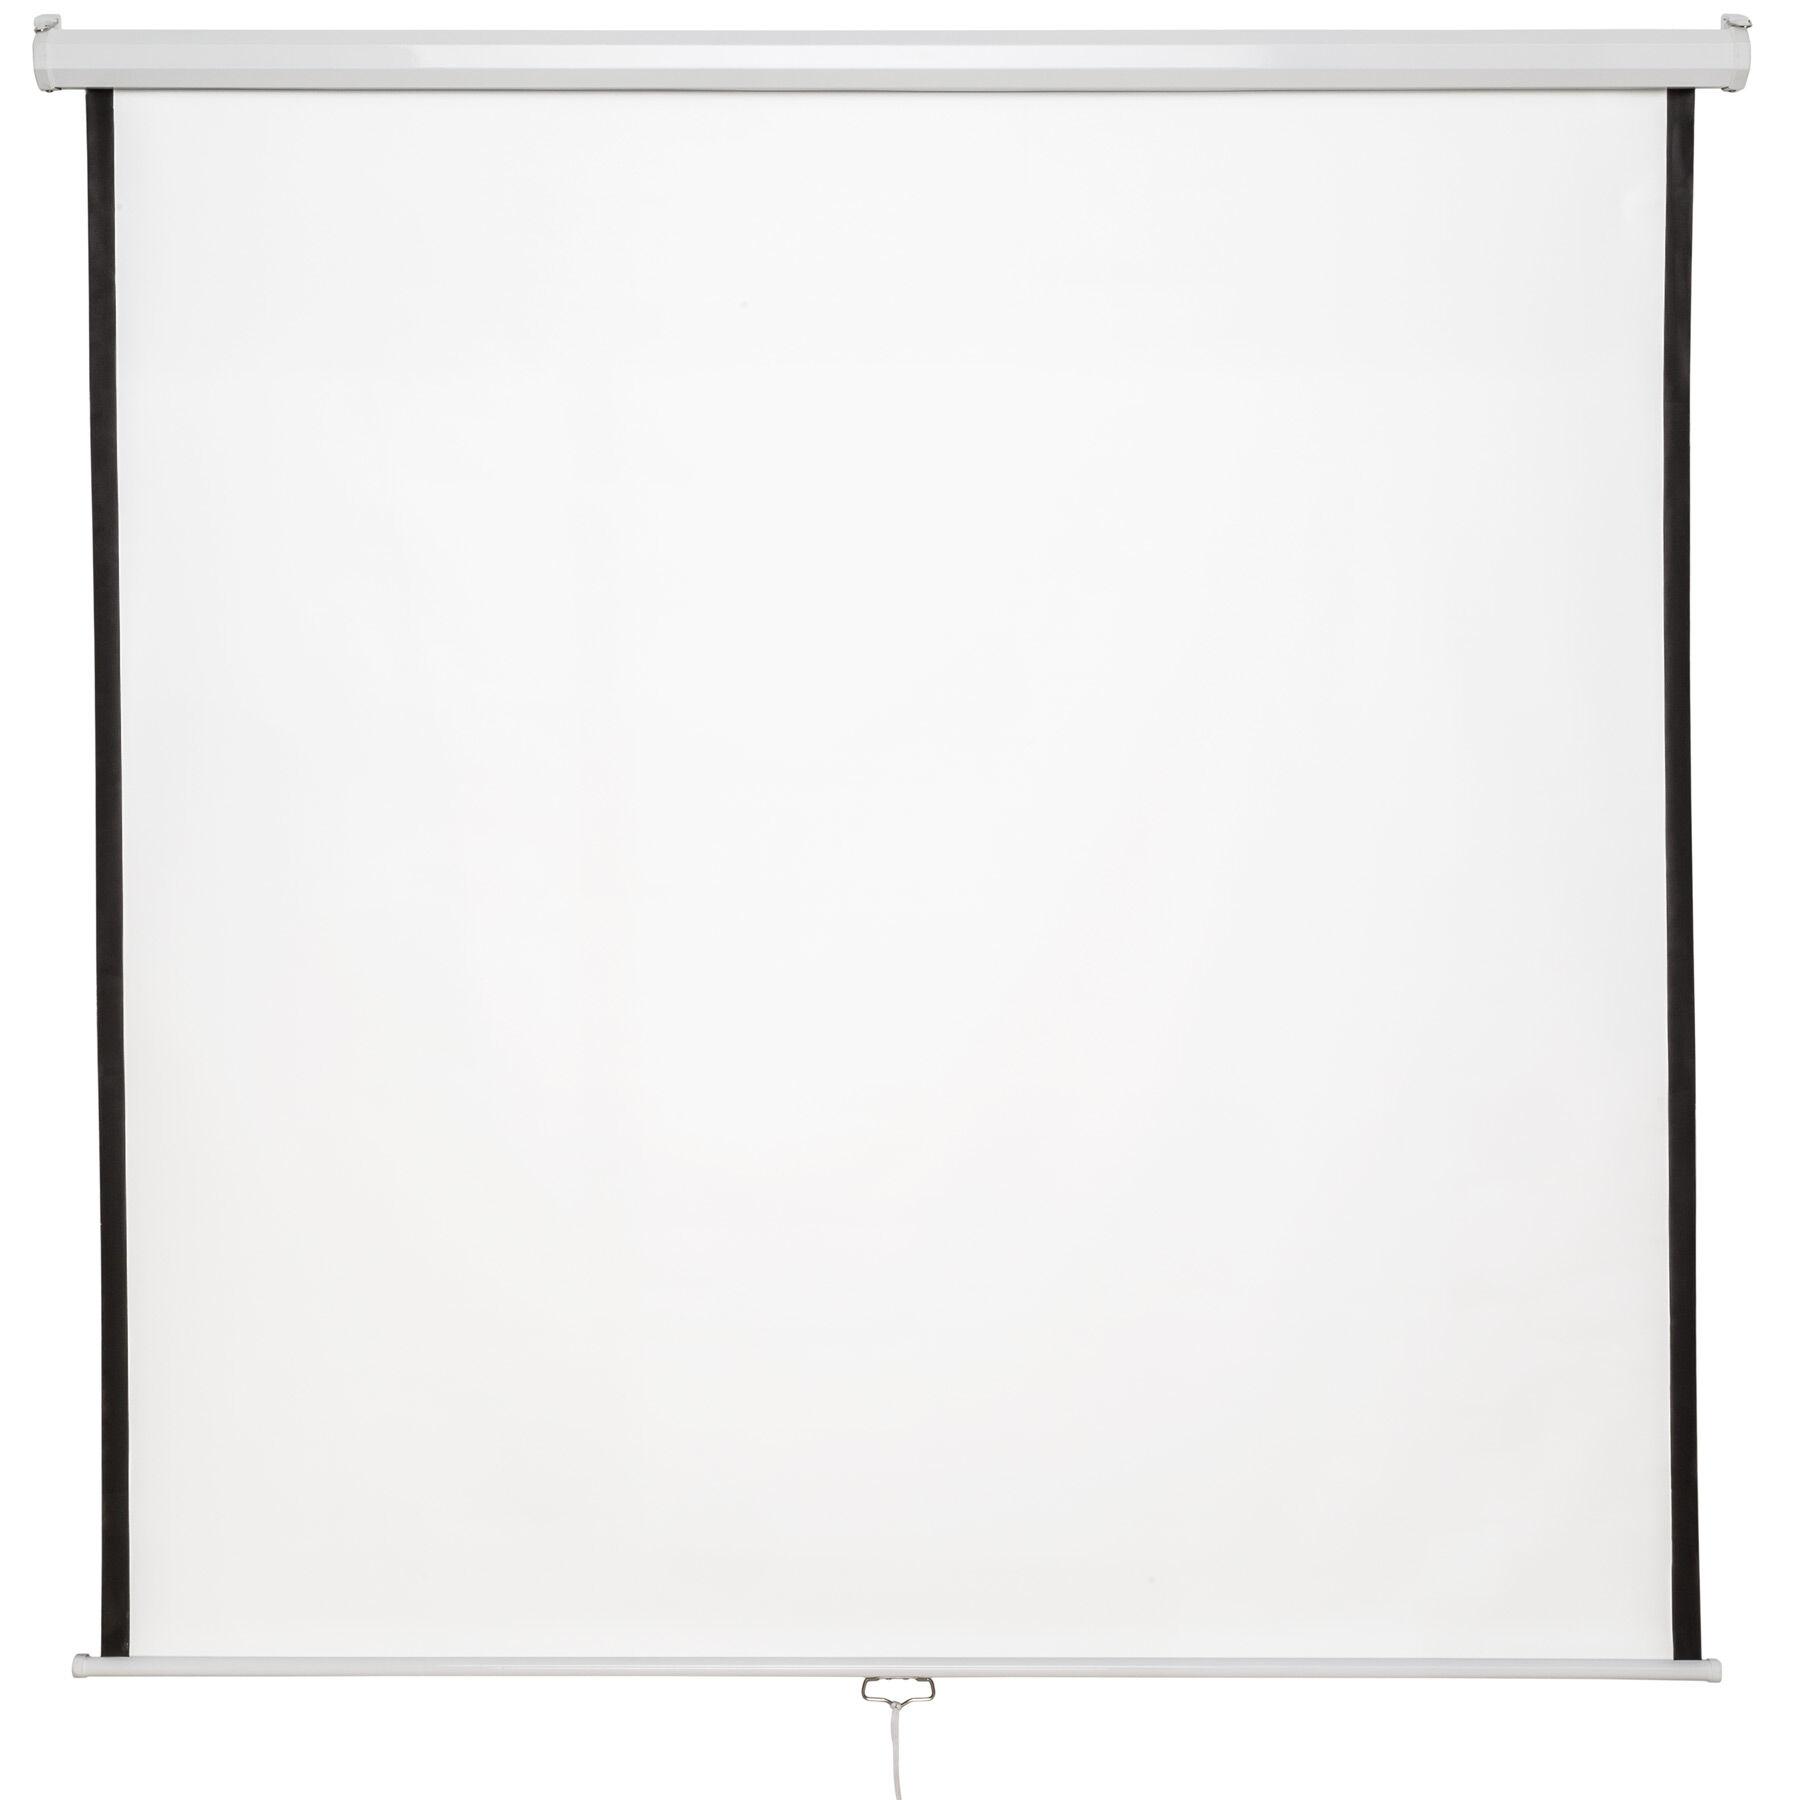 tectake schermo per proiettori hdtv - 152 x 152 cm